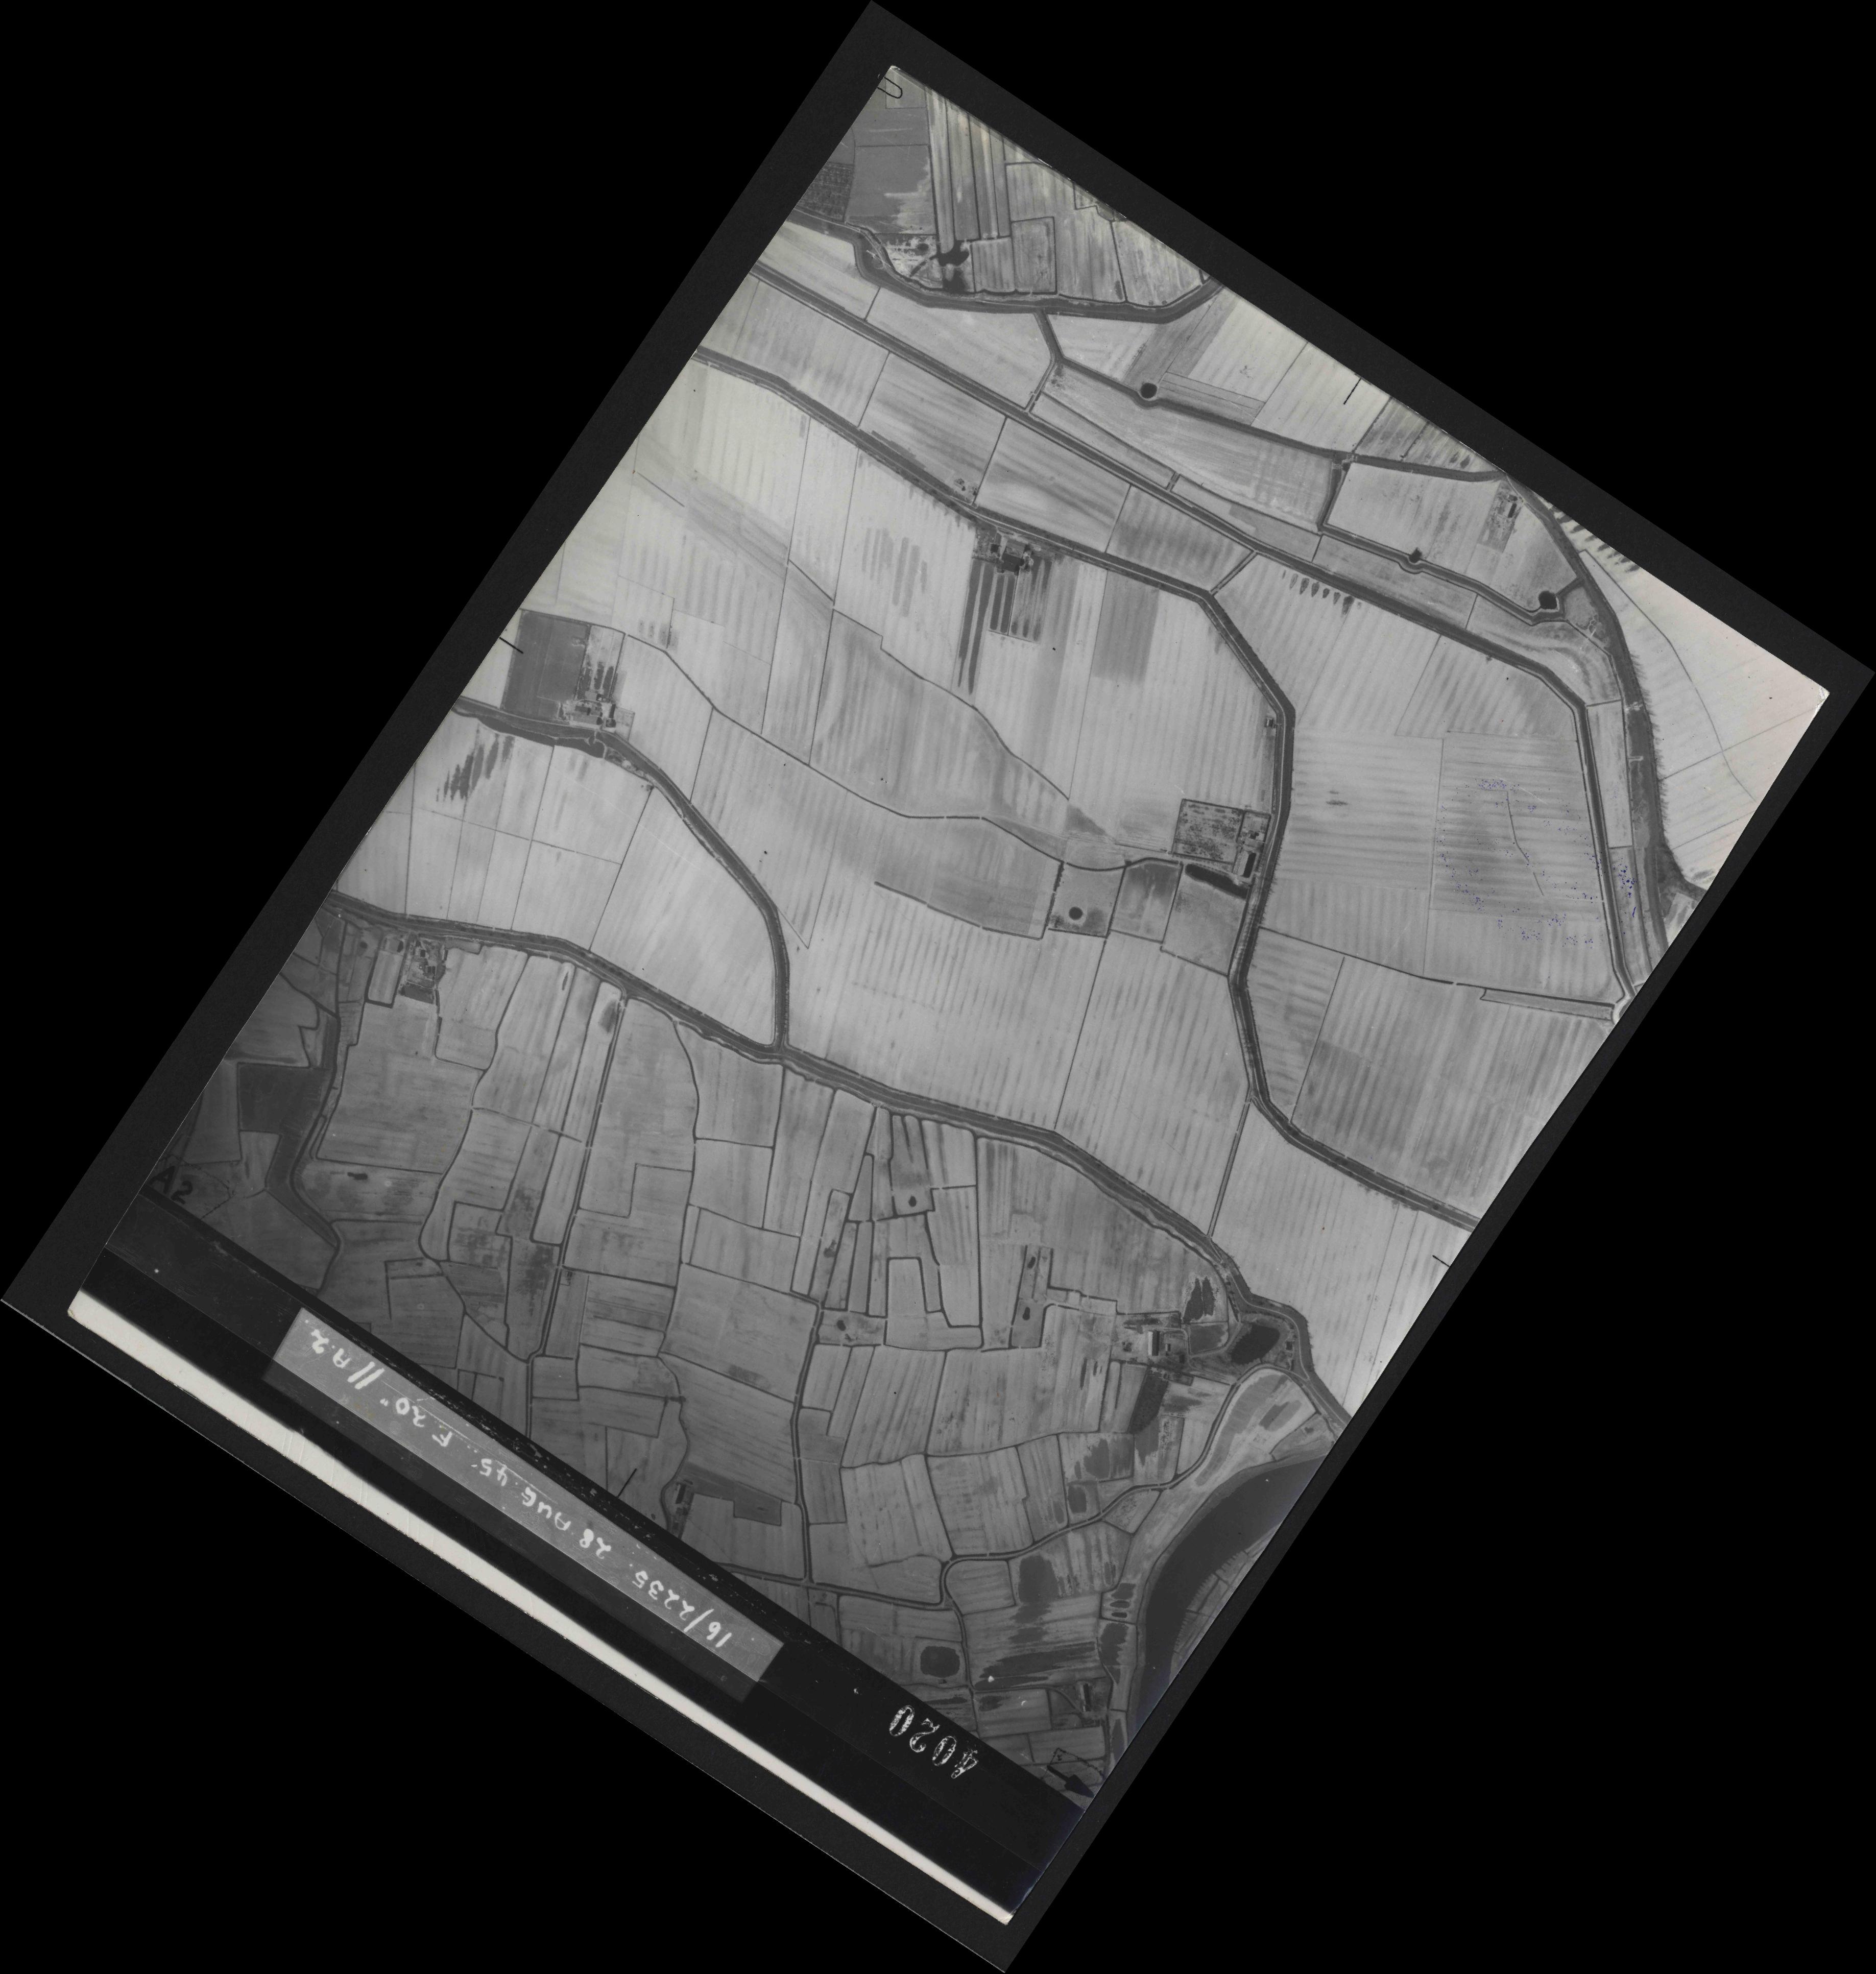 Collection RAF aerial photos 1940-1945 - flight 033, run 07, photo 4020